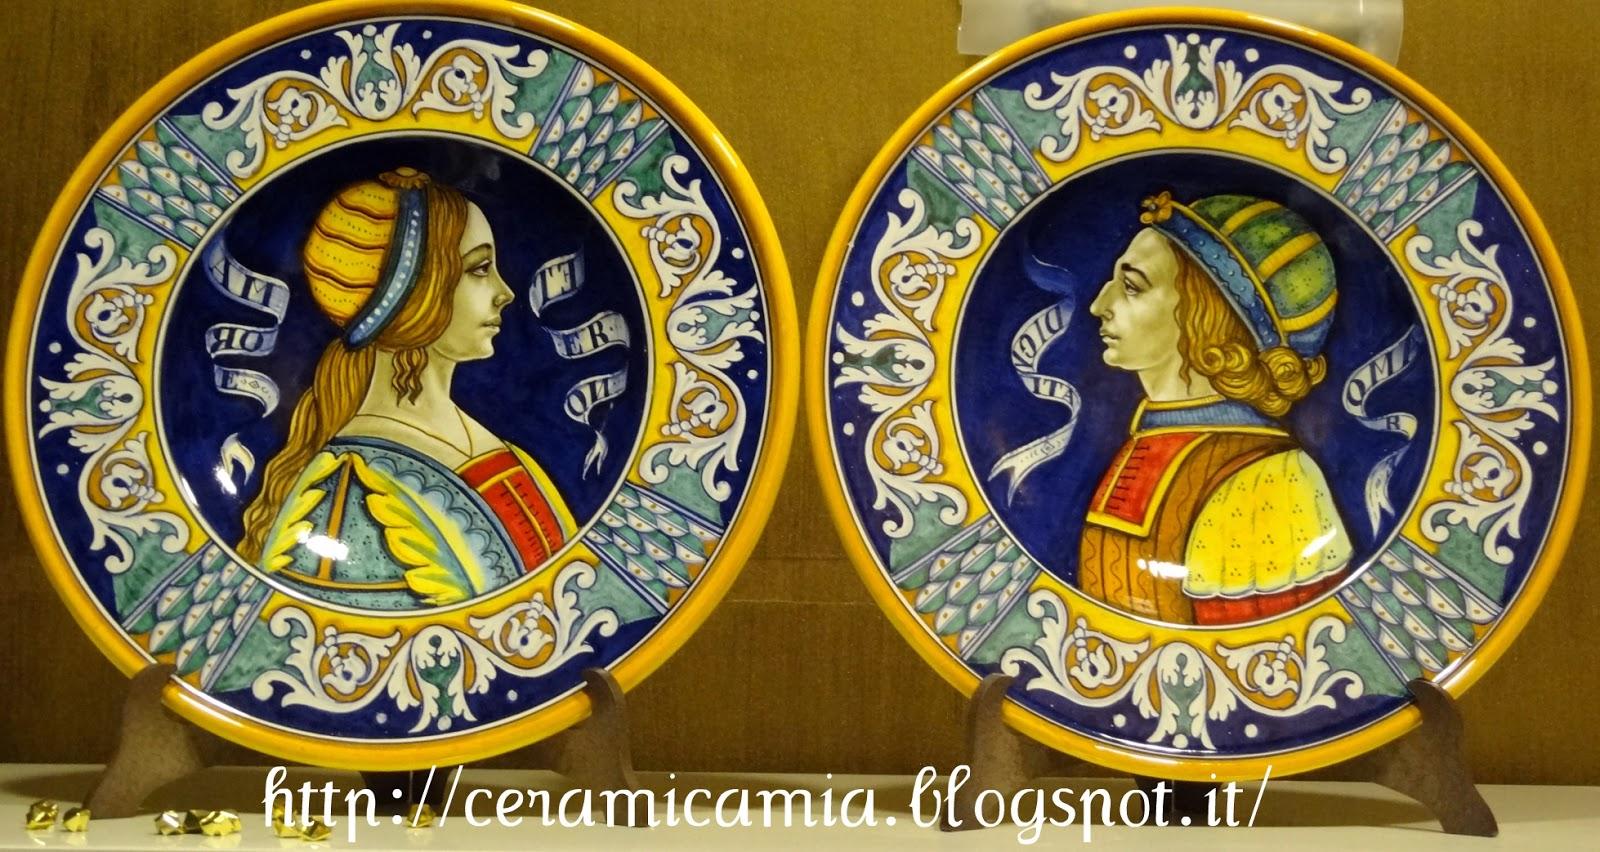 Ceramica che passione piatti decorati in mostra a roma for Piatti decorati